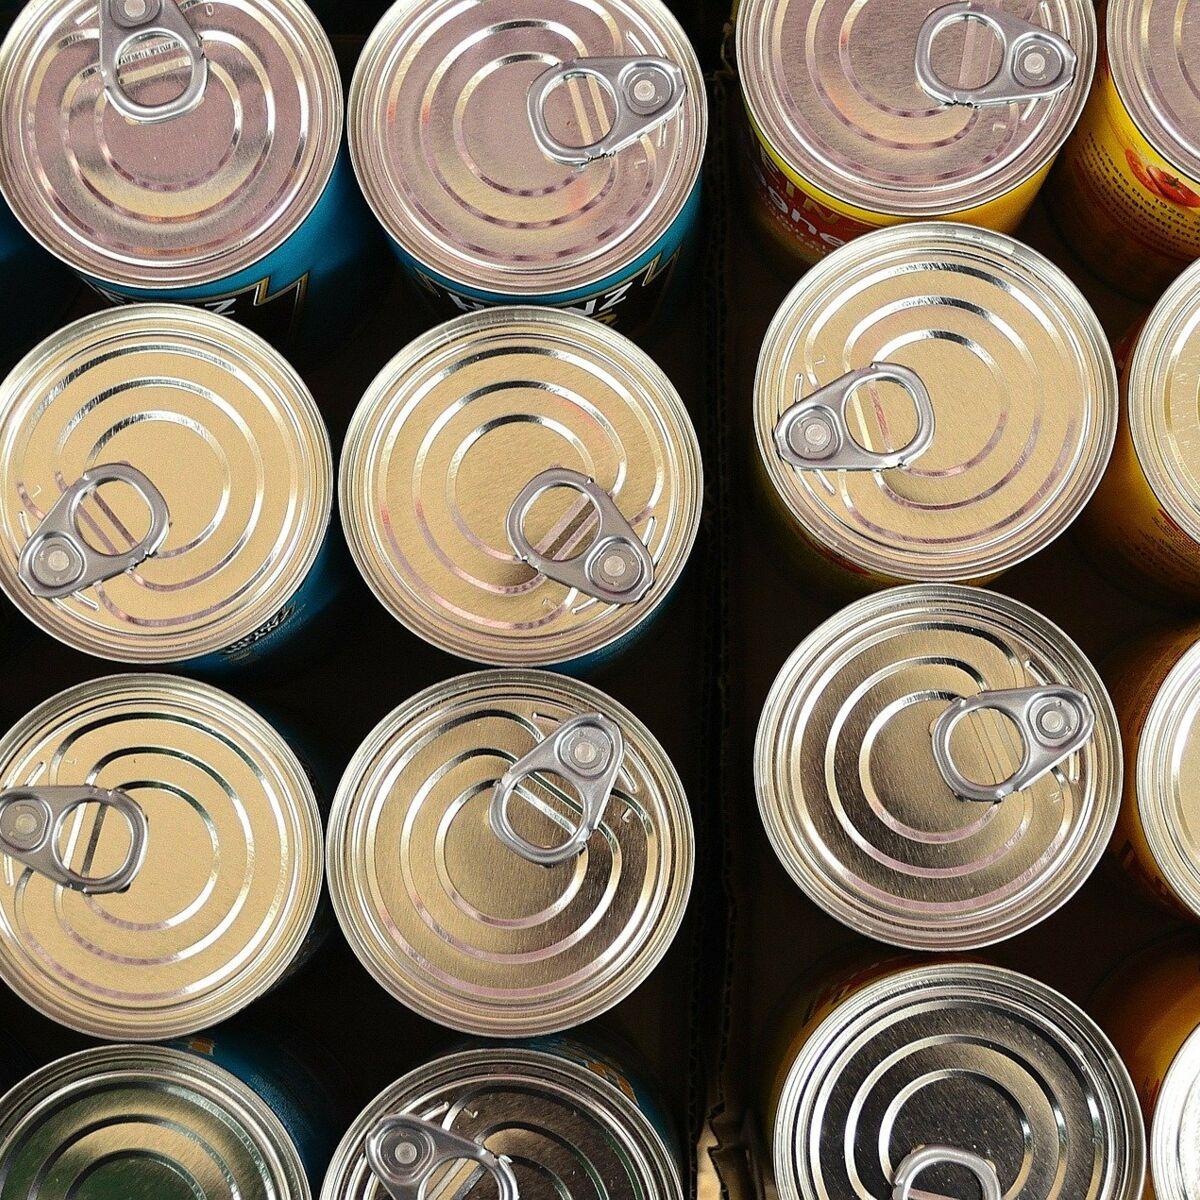 Alimentation saine : la consommation de boîtes de conserve est-elle réellement dangereuse? Démêlons le vrai du faux!